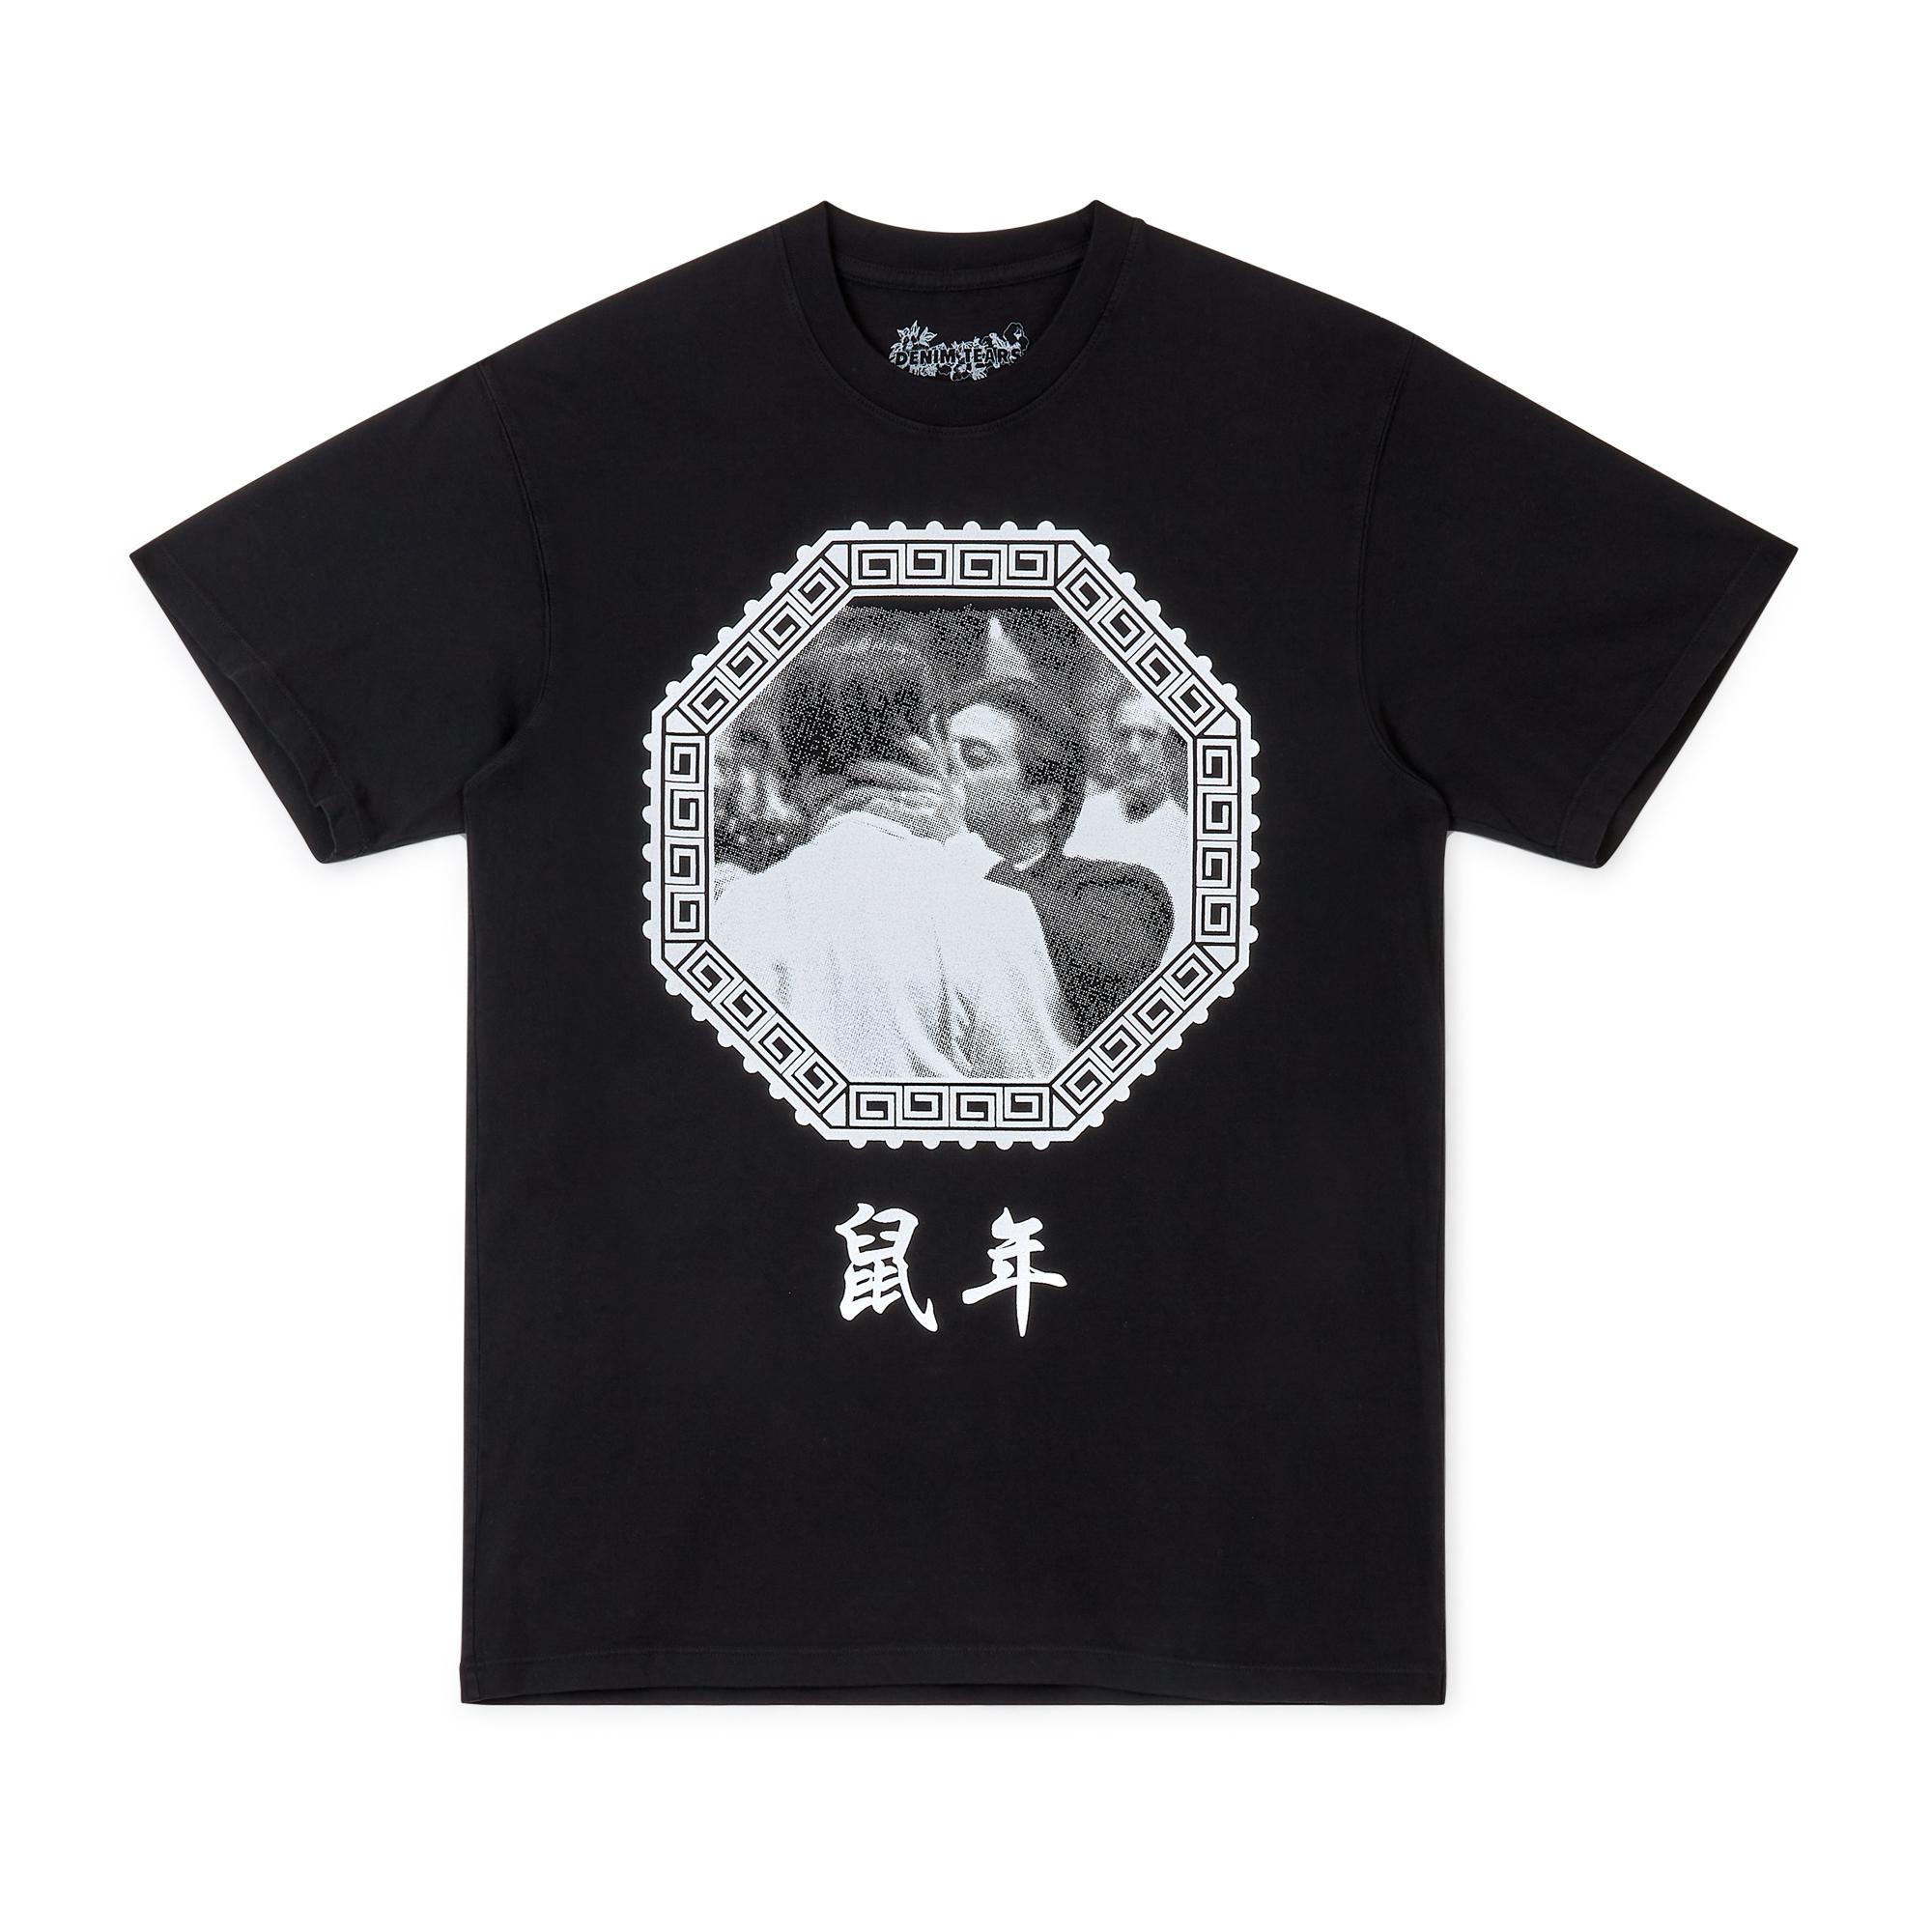 YOTR-T-shirts_Denim-Tears_084.jpg